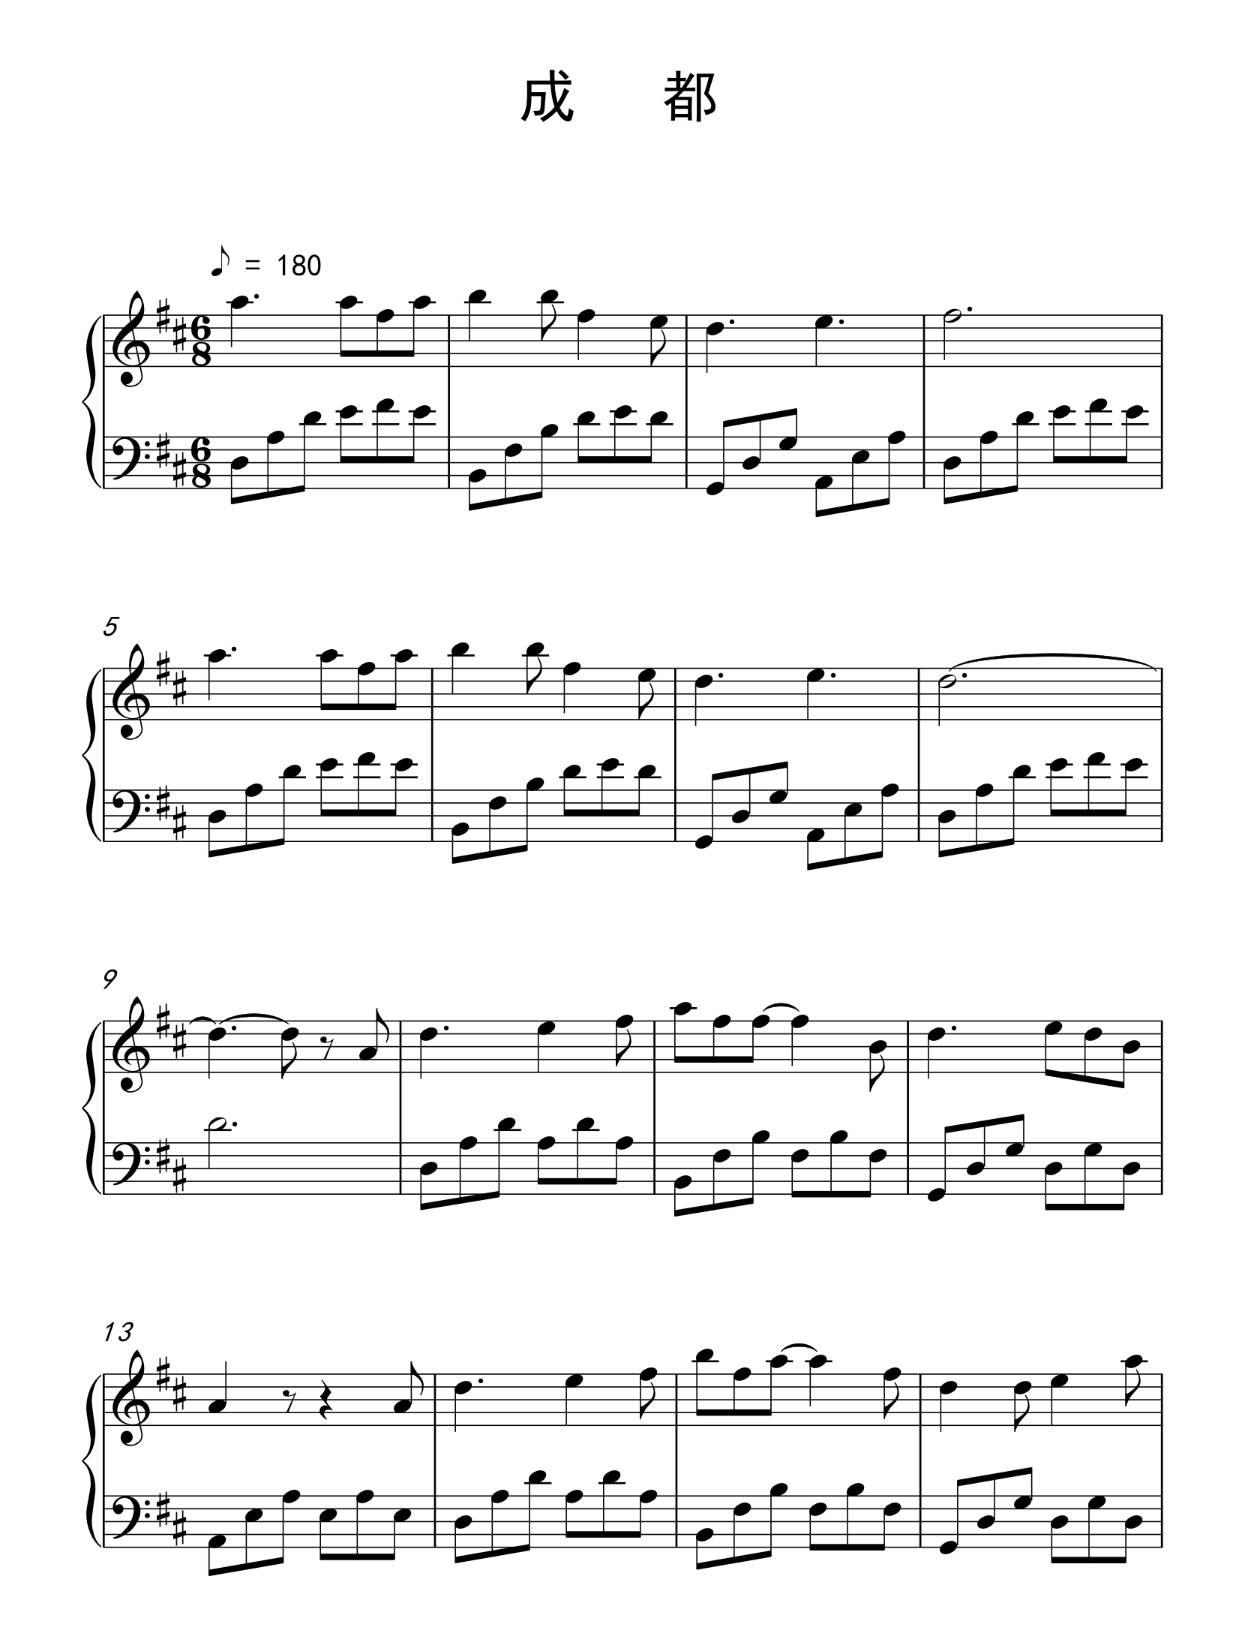 弹一首《成都》,配上自己的歌词,唱一首你最怀念的地方